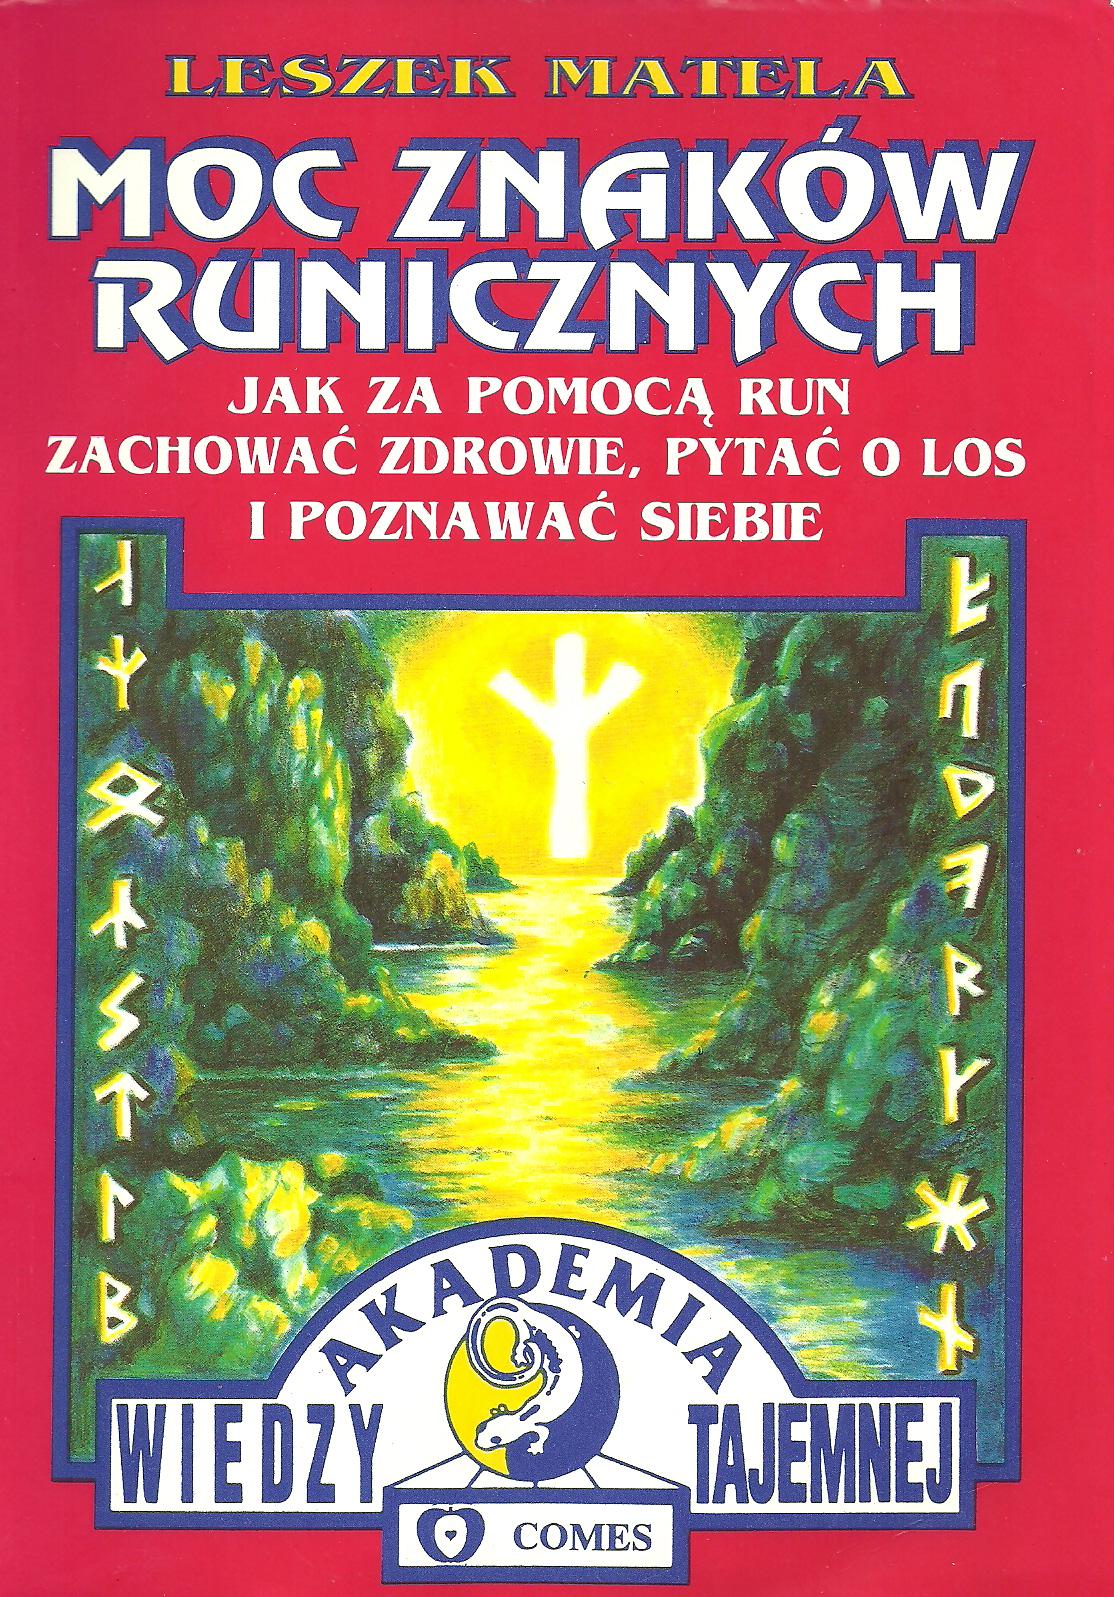 Moc znaków runicznych